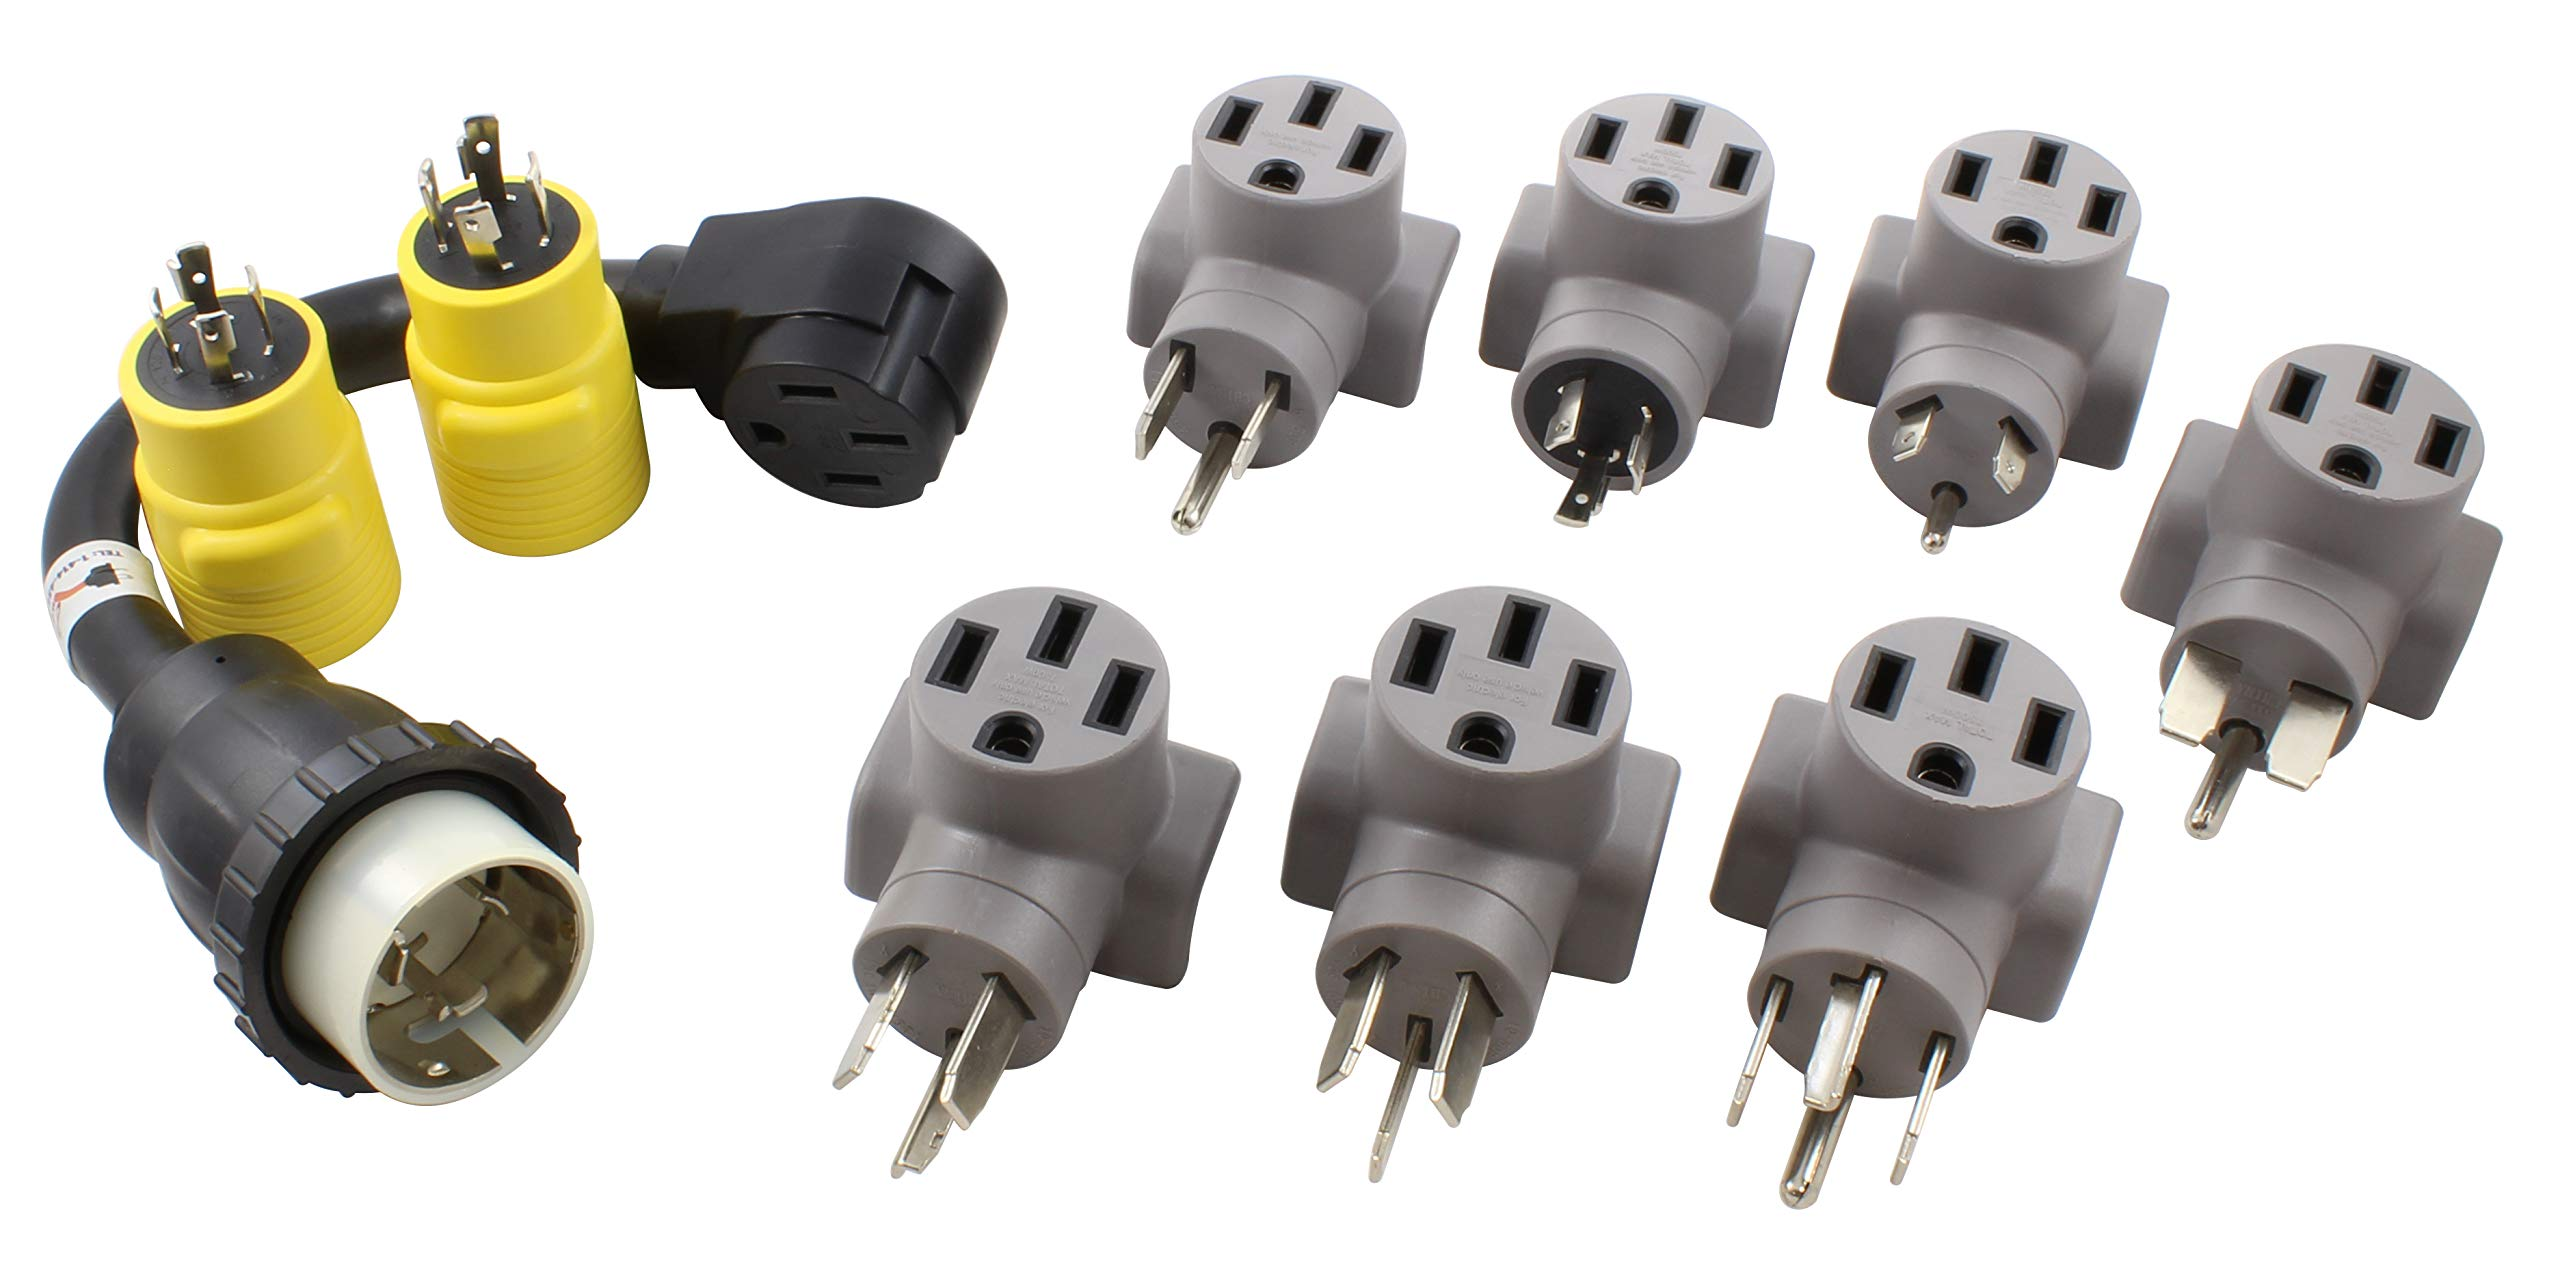 AC WORKS EV Charging Adapter for Tesla Use (EV Complete Charging Kit)